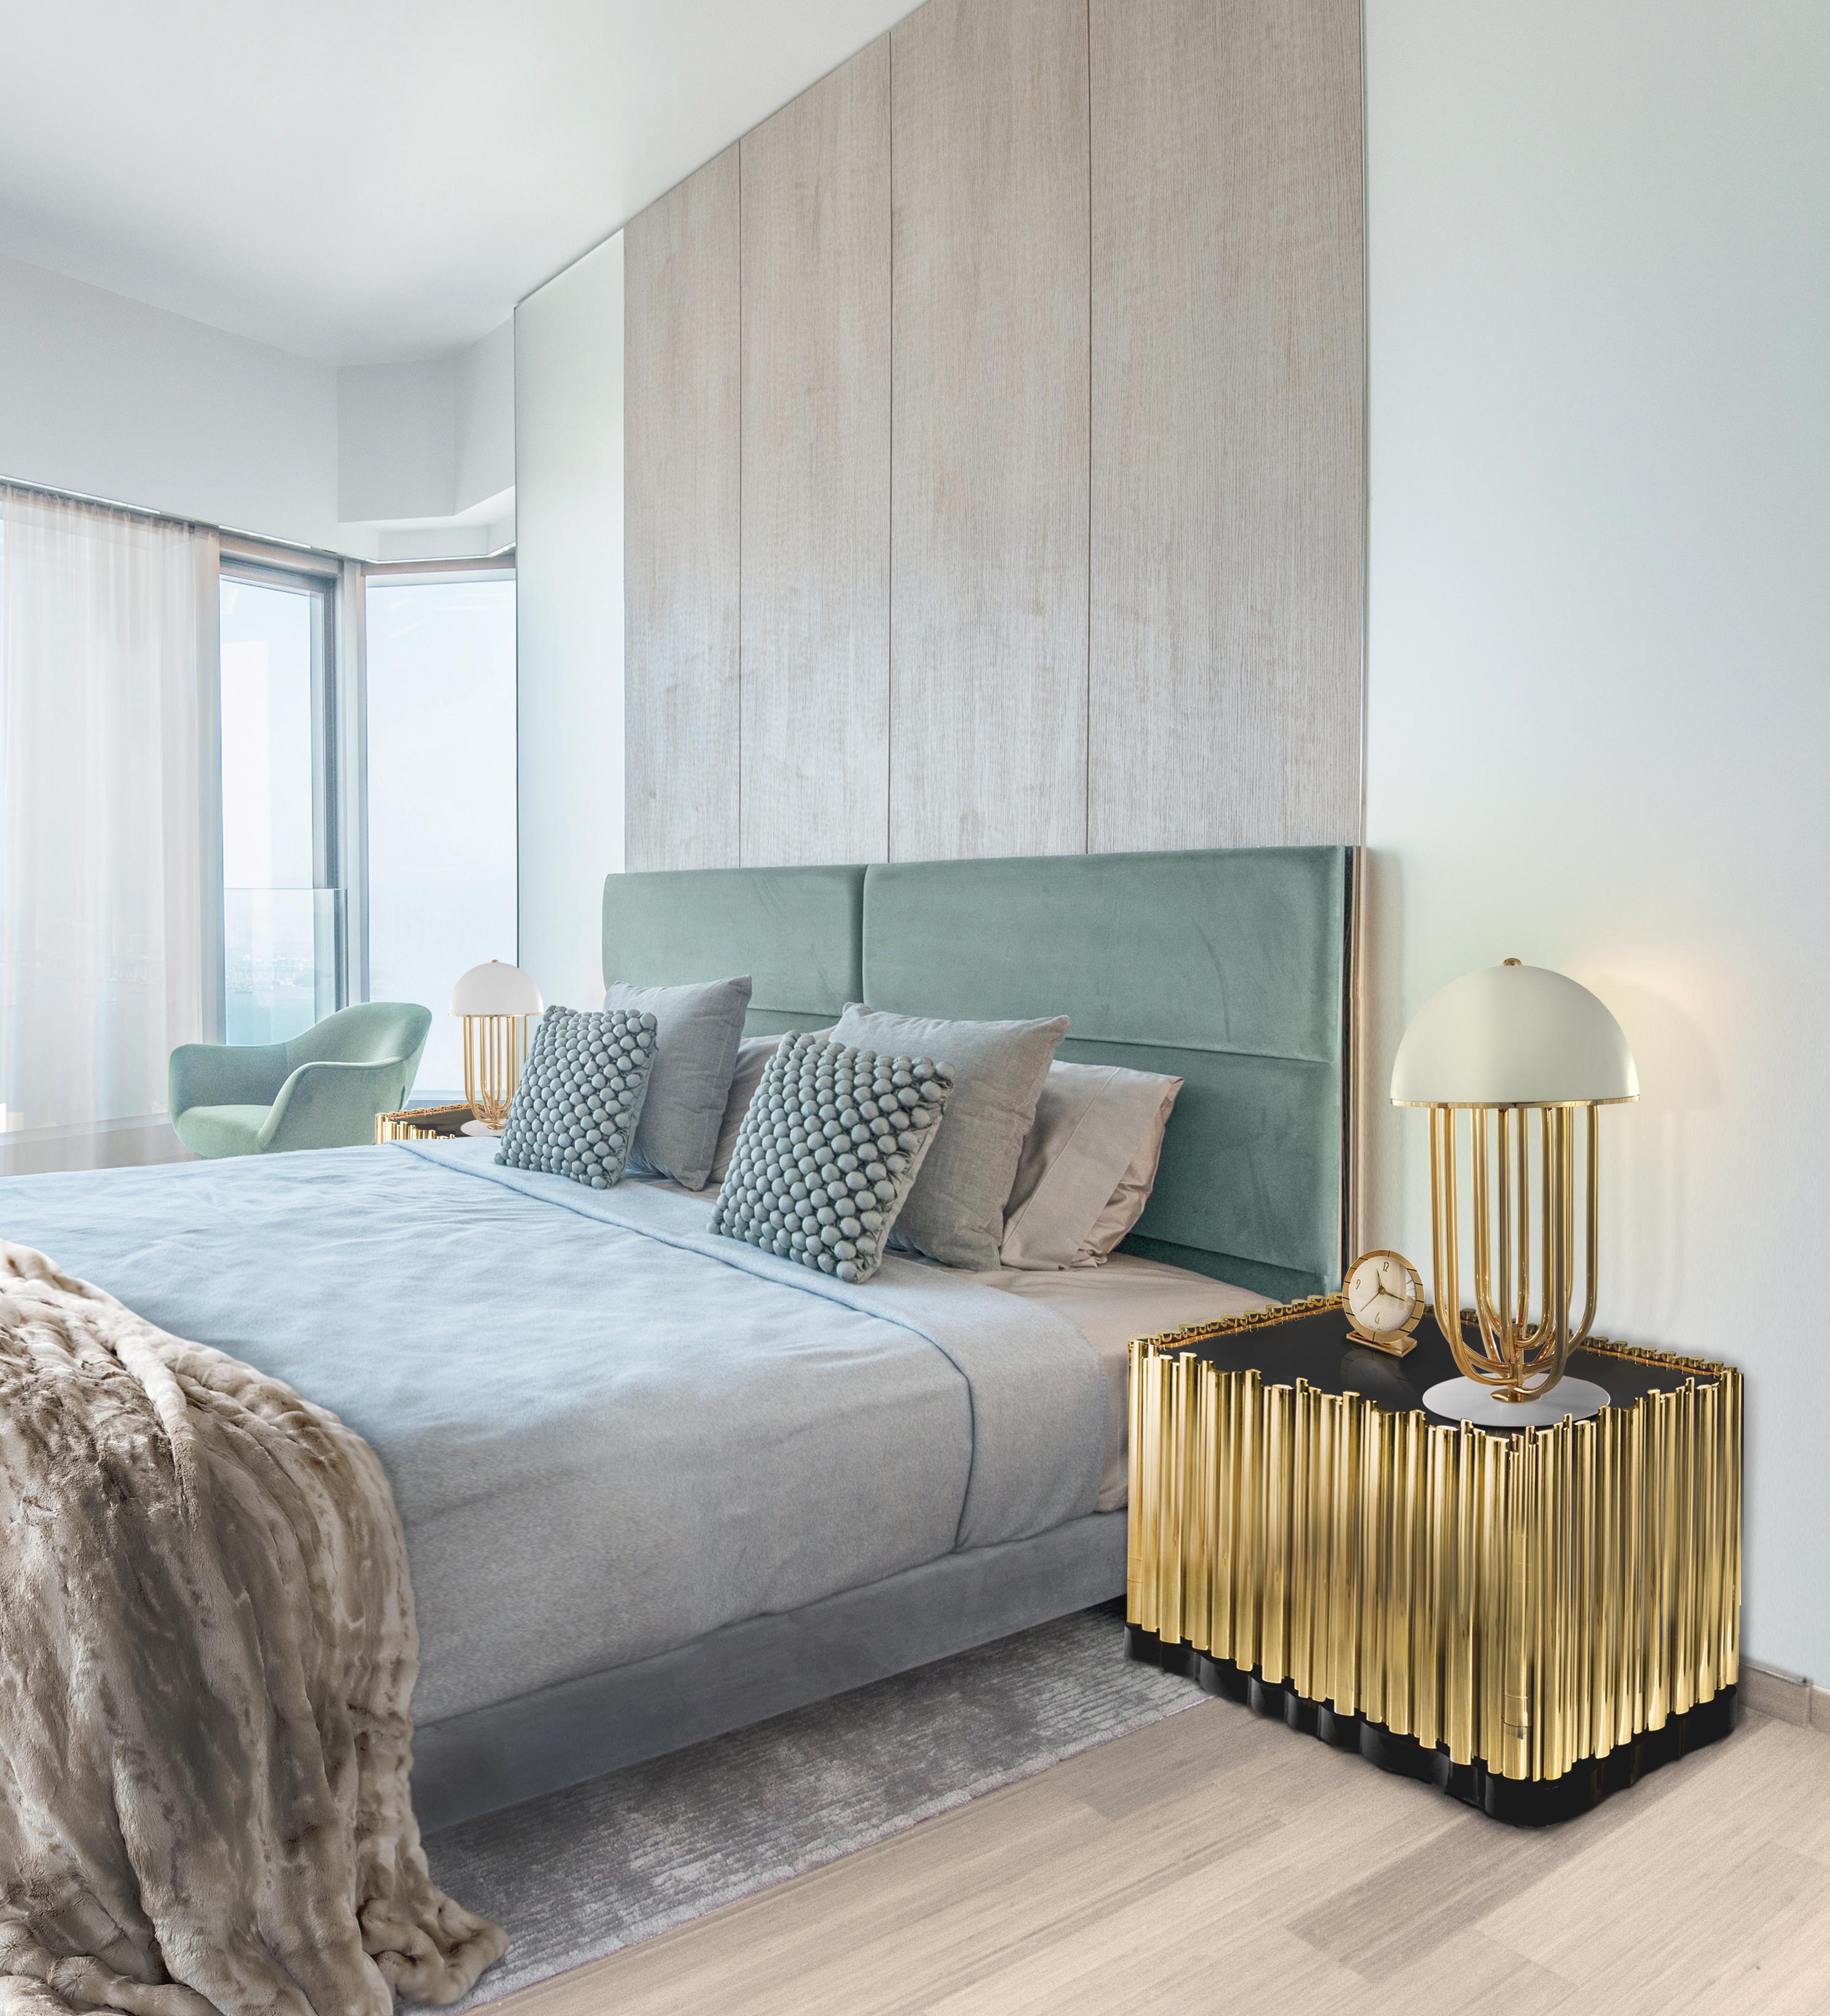 идеи для спальни идеи для спальни Идеи для спальни: 10 шагов для идеального декора symphony nightstand